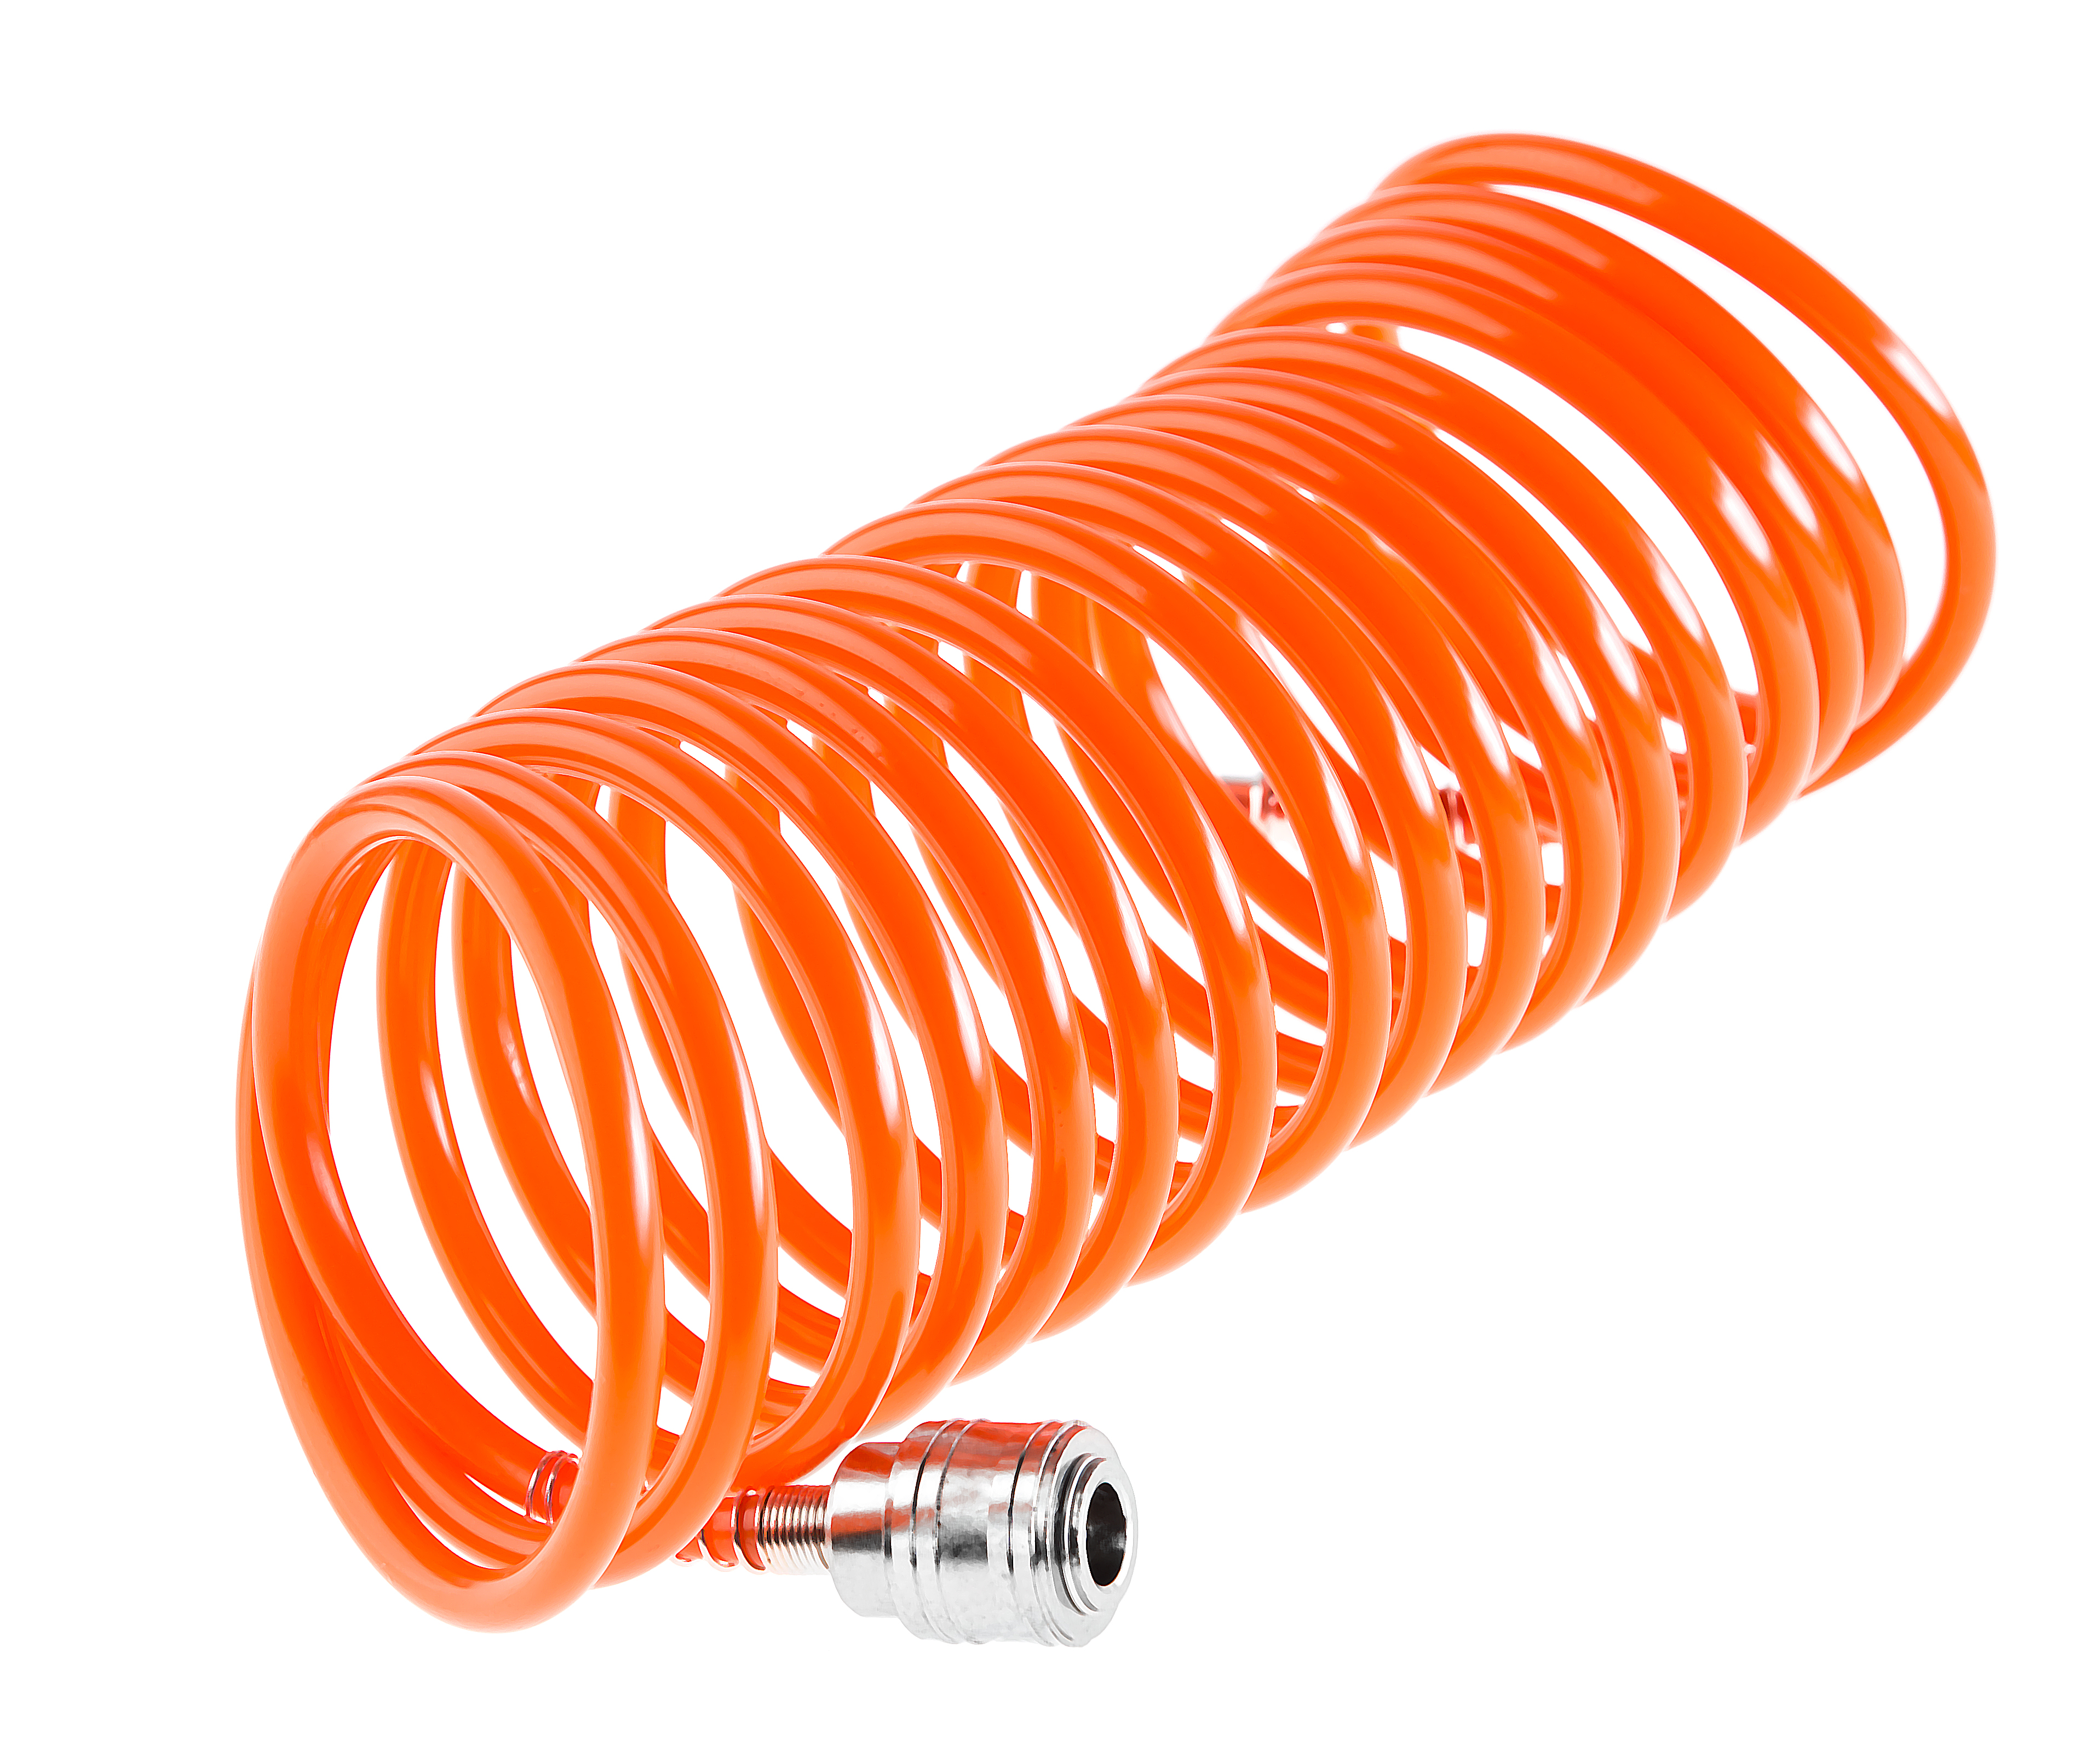 цена на Шланг Wester 814-007 пневматический спиральный